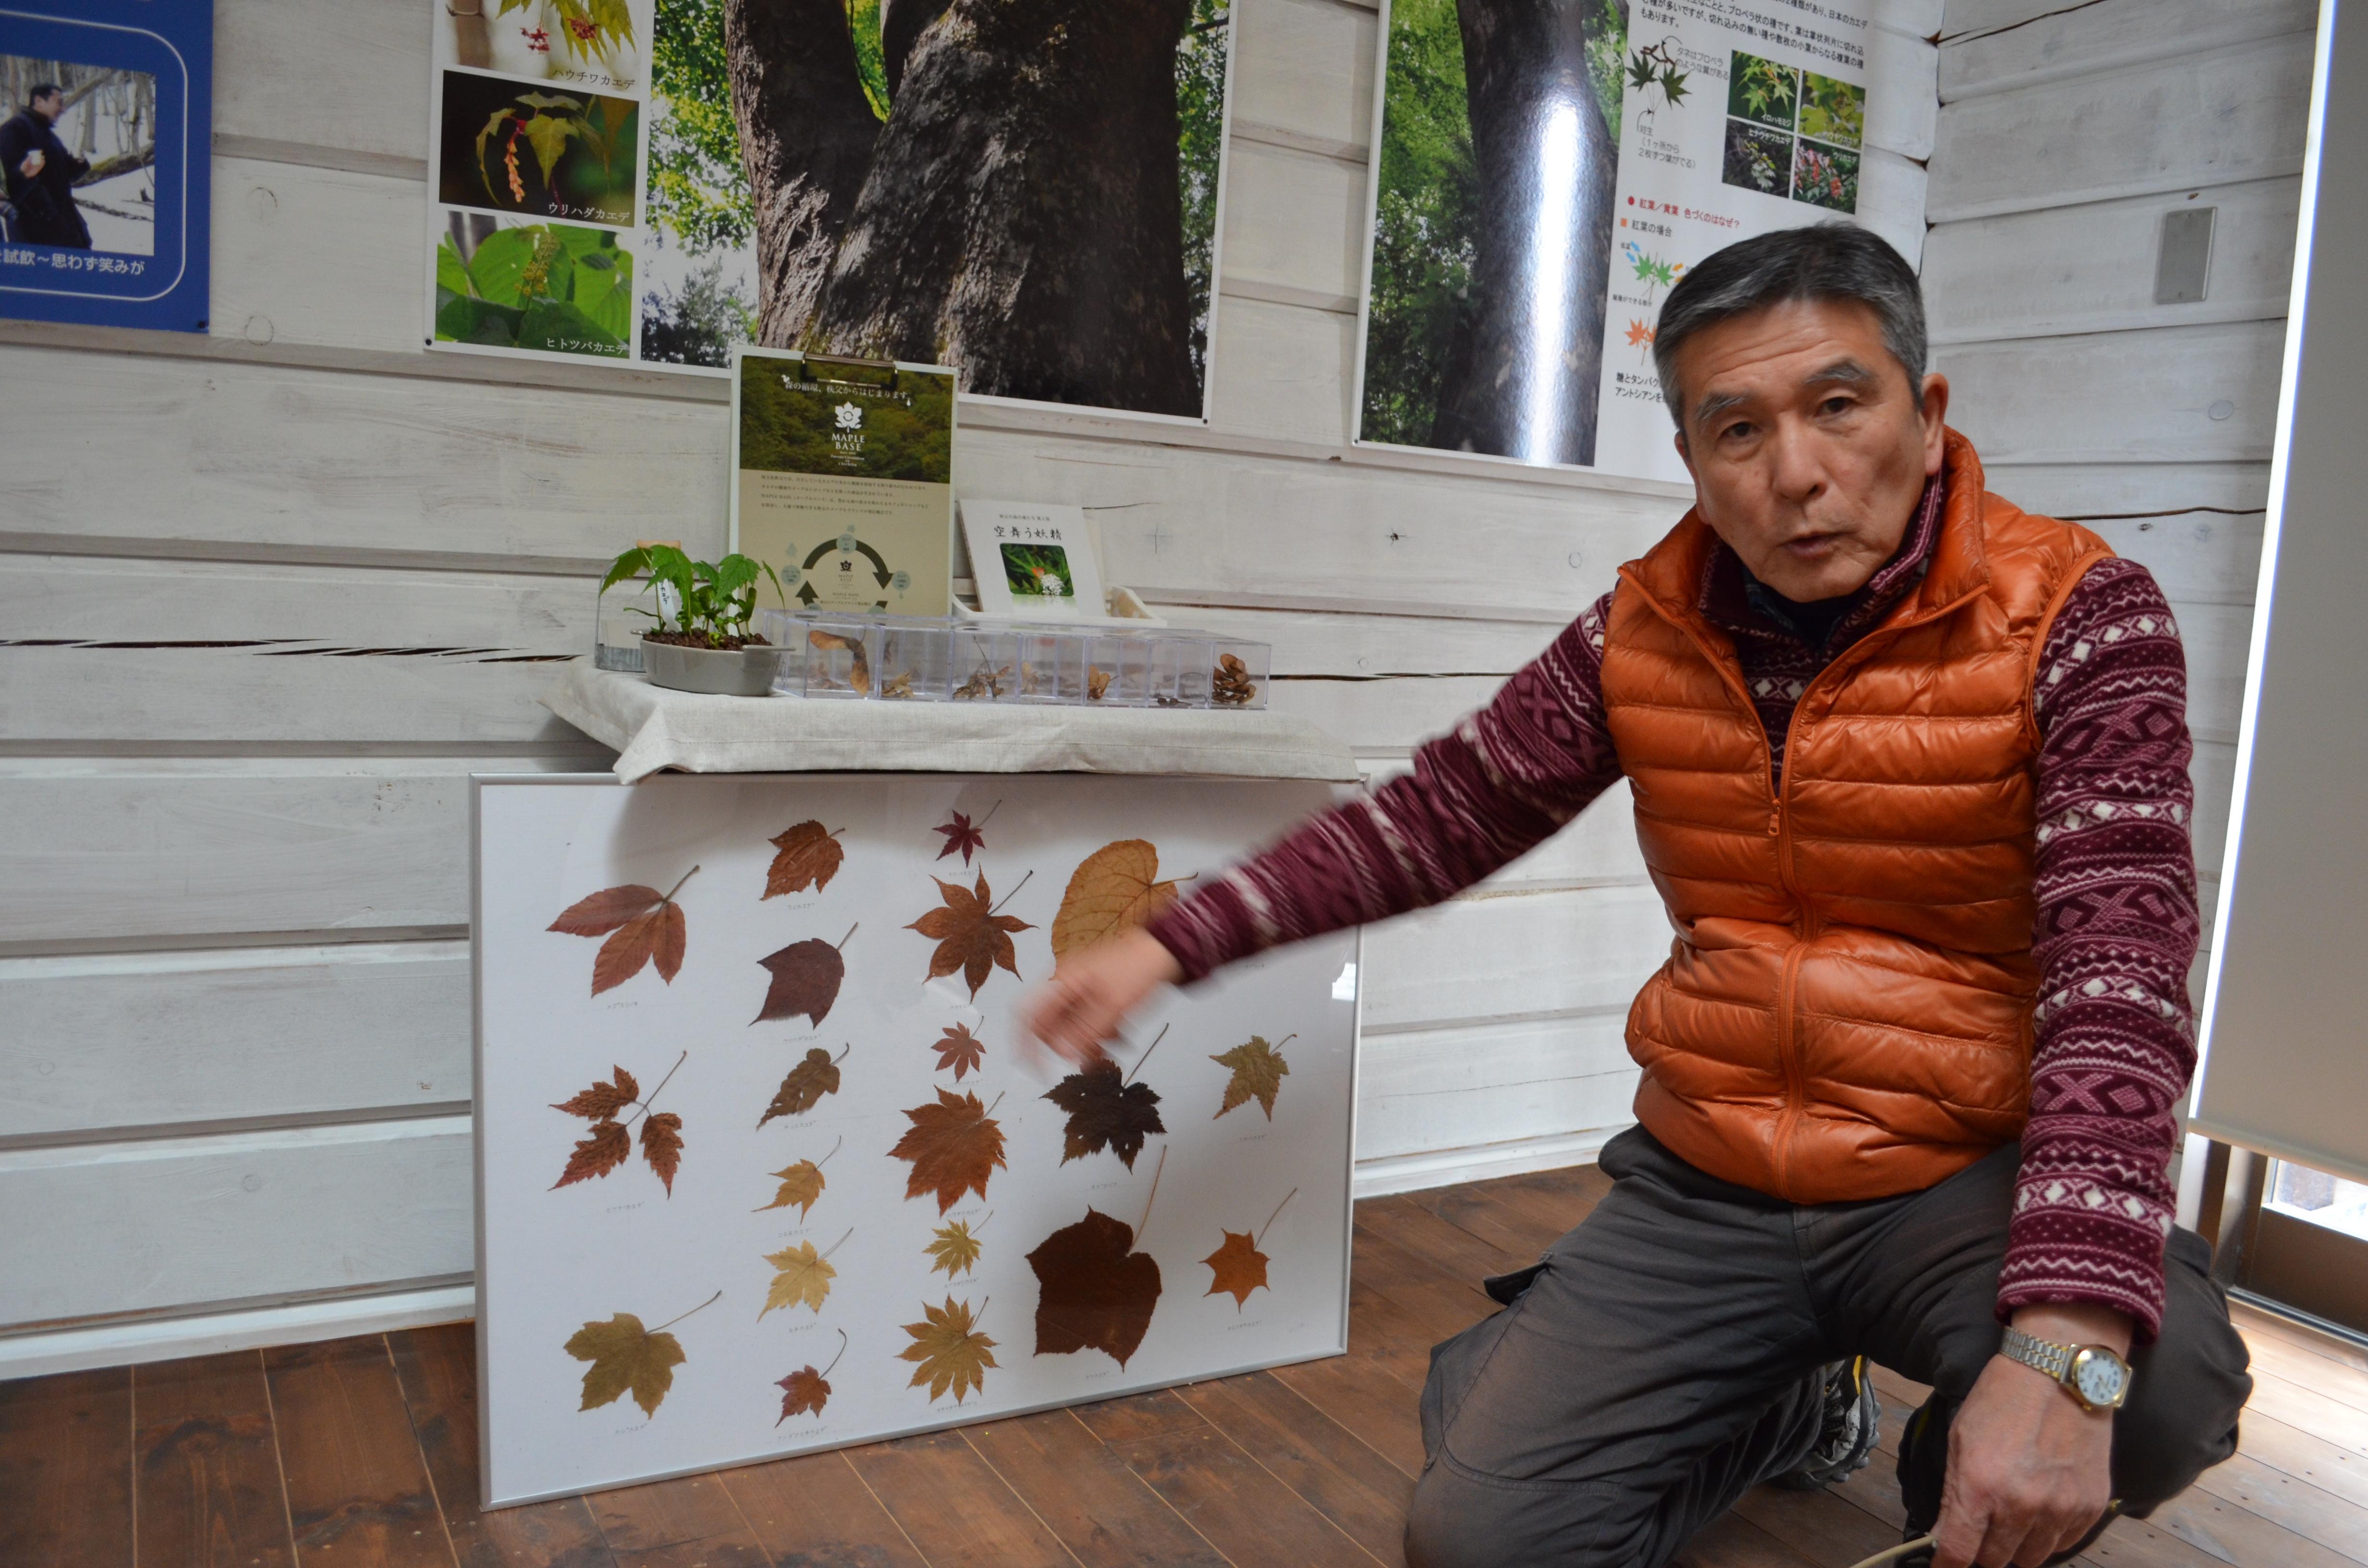 自生するカエデについて解説する島崎武重郎さん。植樹では土地本来の植生を調べて樹種を選定、樹液採取後のカエデの健康管理も徹底している。